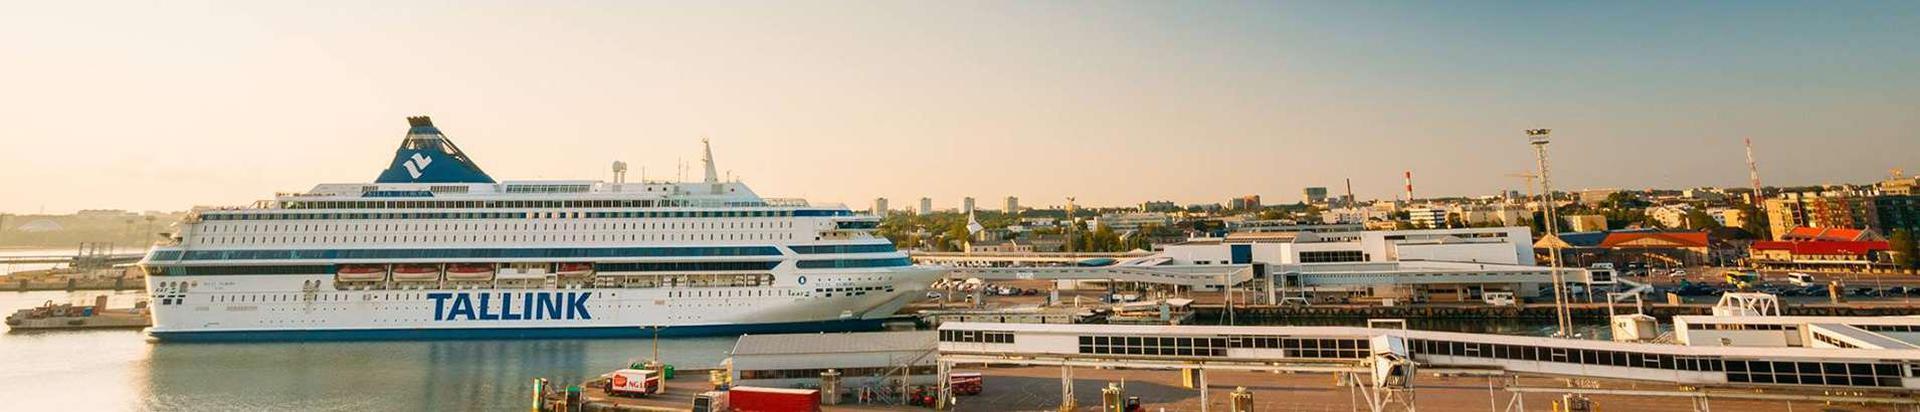 laevaliiklus, laevandus, piletid, pääsmed, restoranid, toitlustus, transpordi- ja kullerteenused, transporditeenused, kaubandus- või tööstusalane juhtimisabi, tööstusjuhtimisalane abi